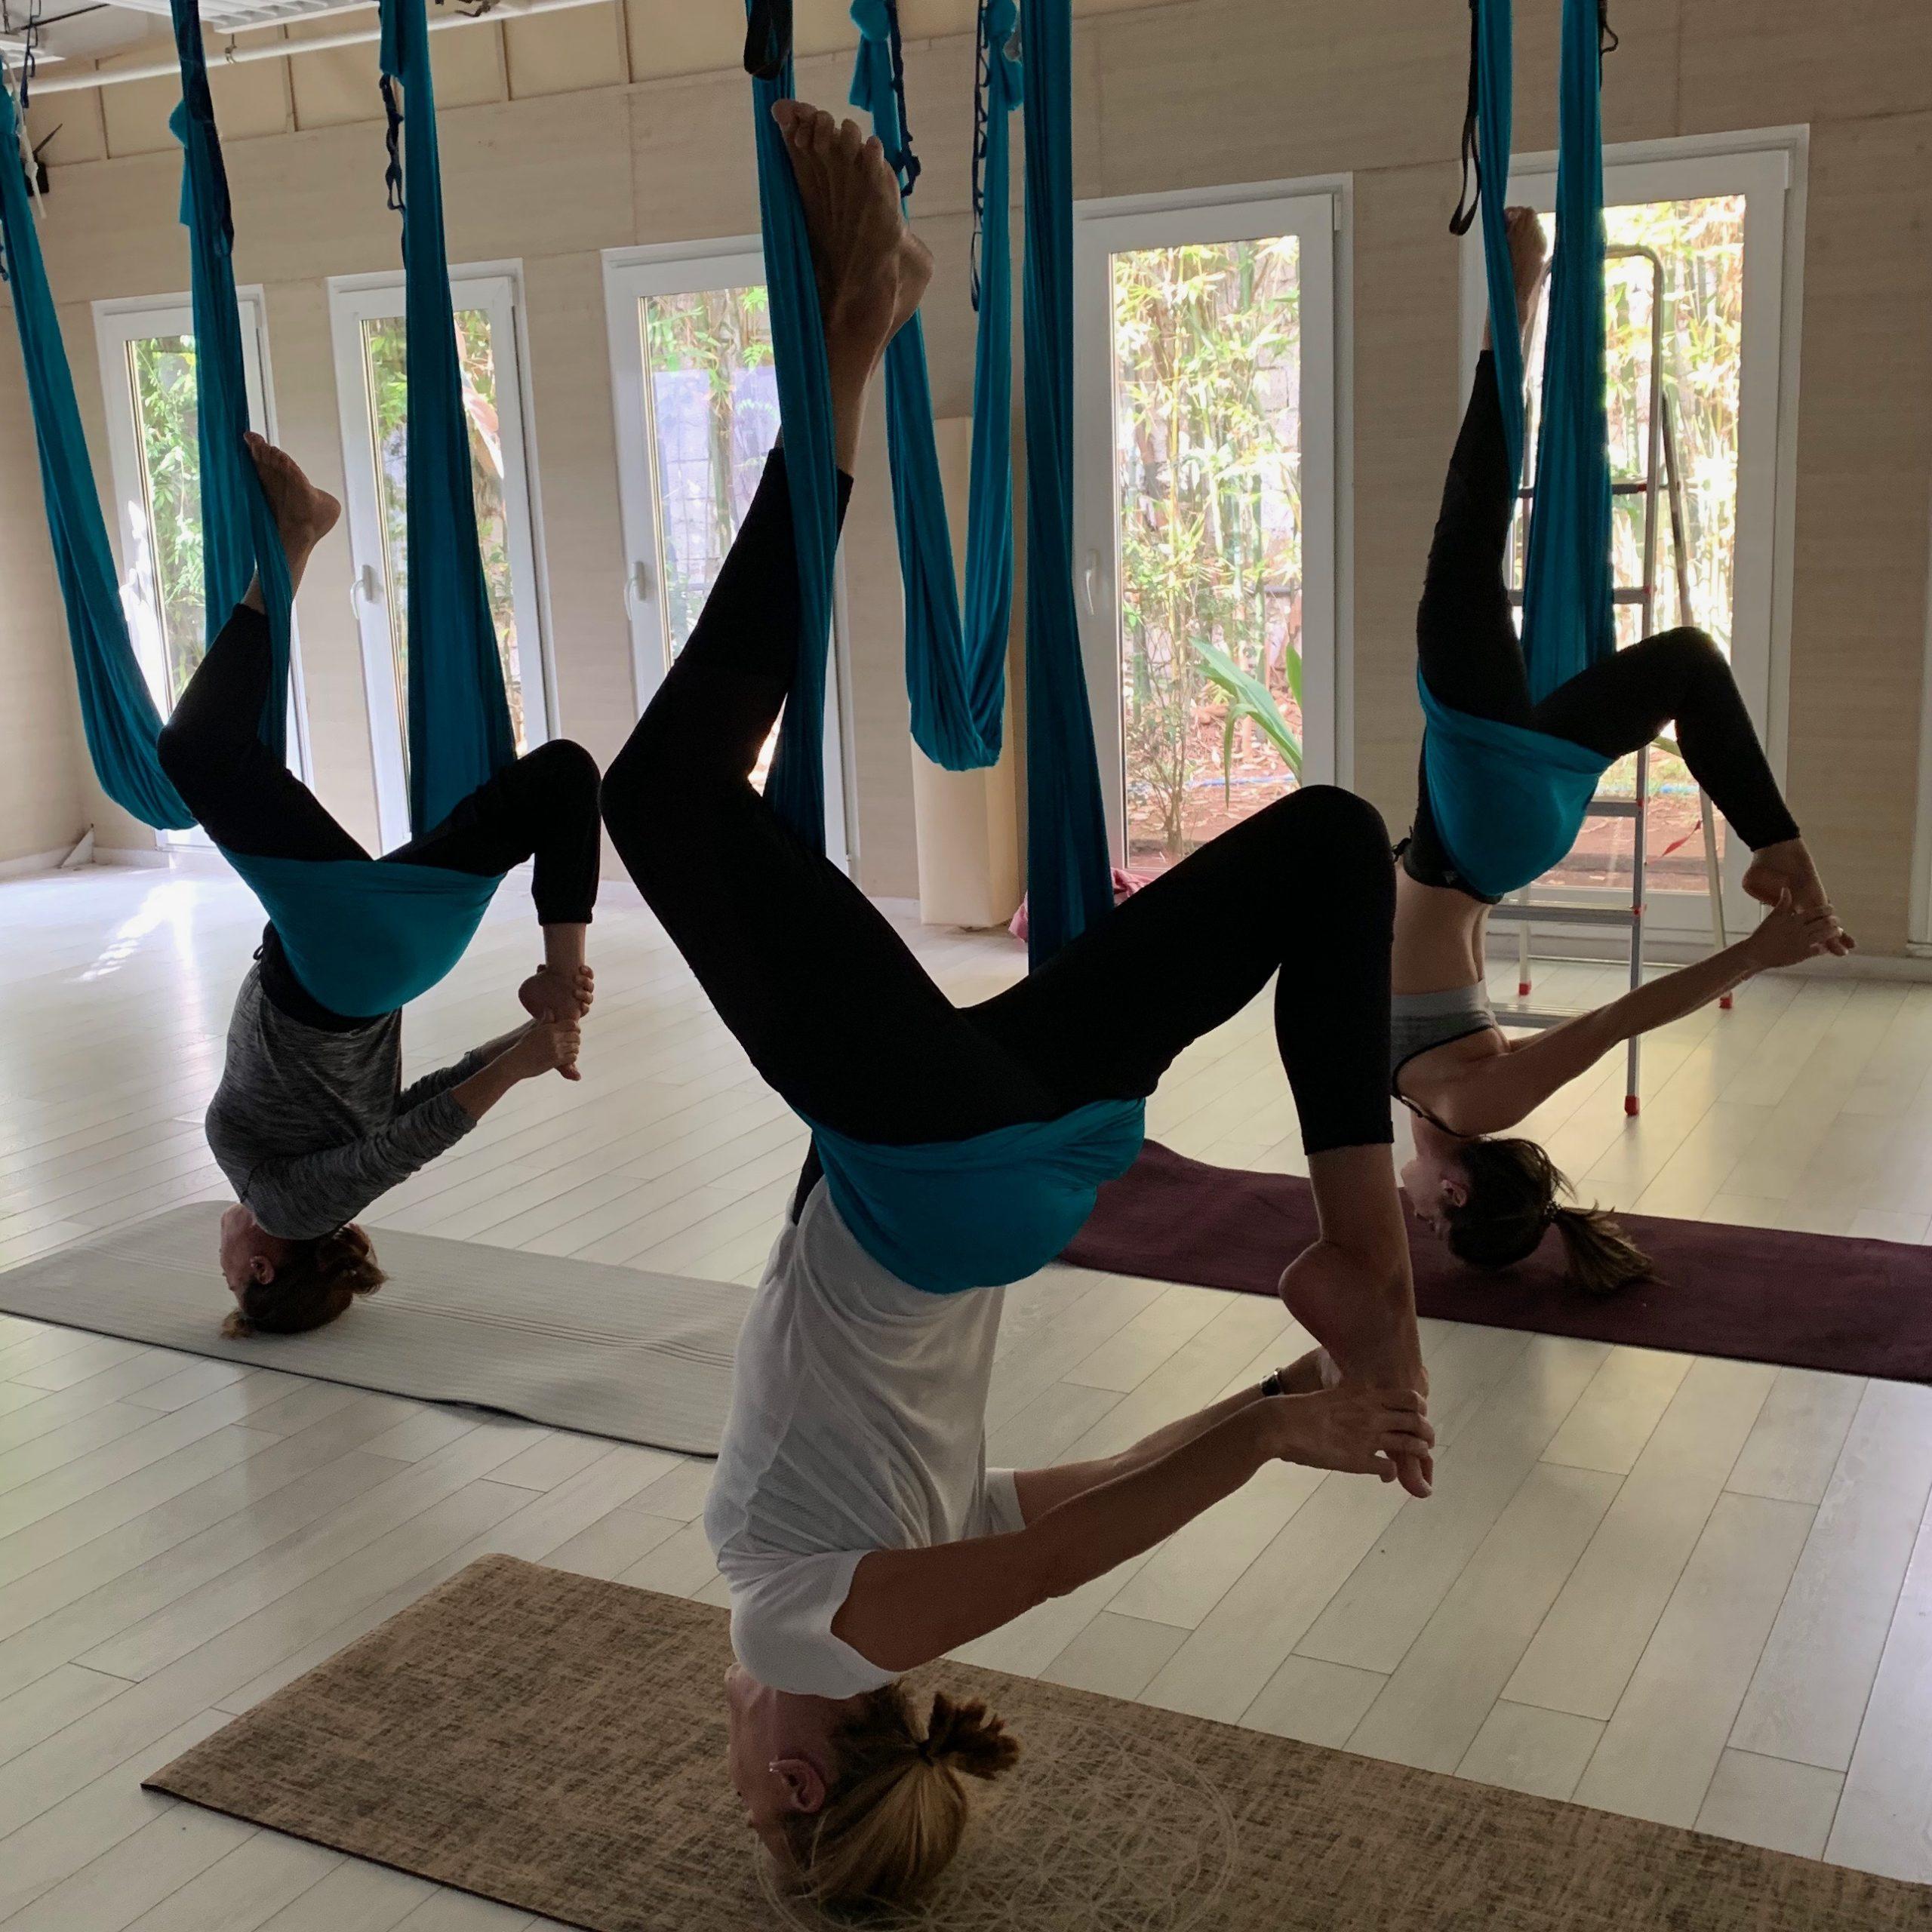 cours-yoga-aerien-retraite-maroc-airyoga-massage-spa-meditation-bienfait-parents-enfants-casablanca-maroc